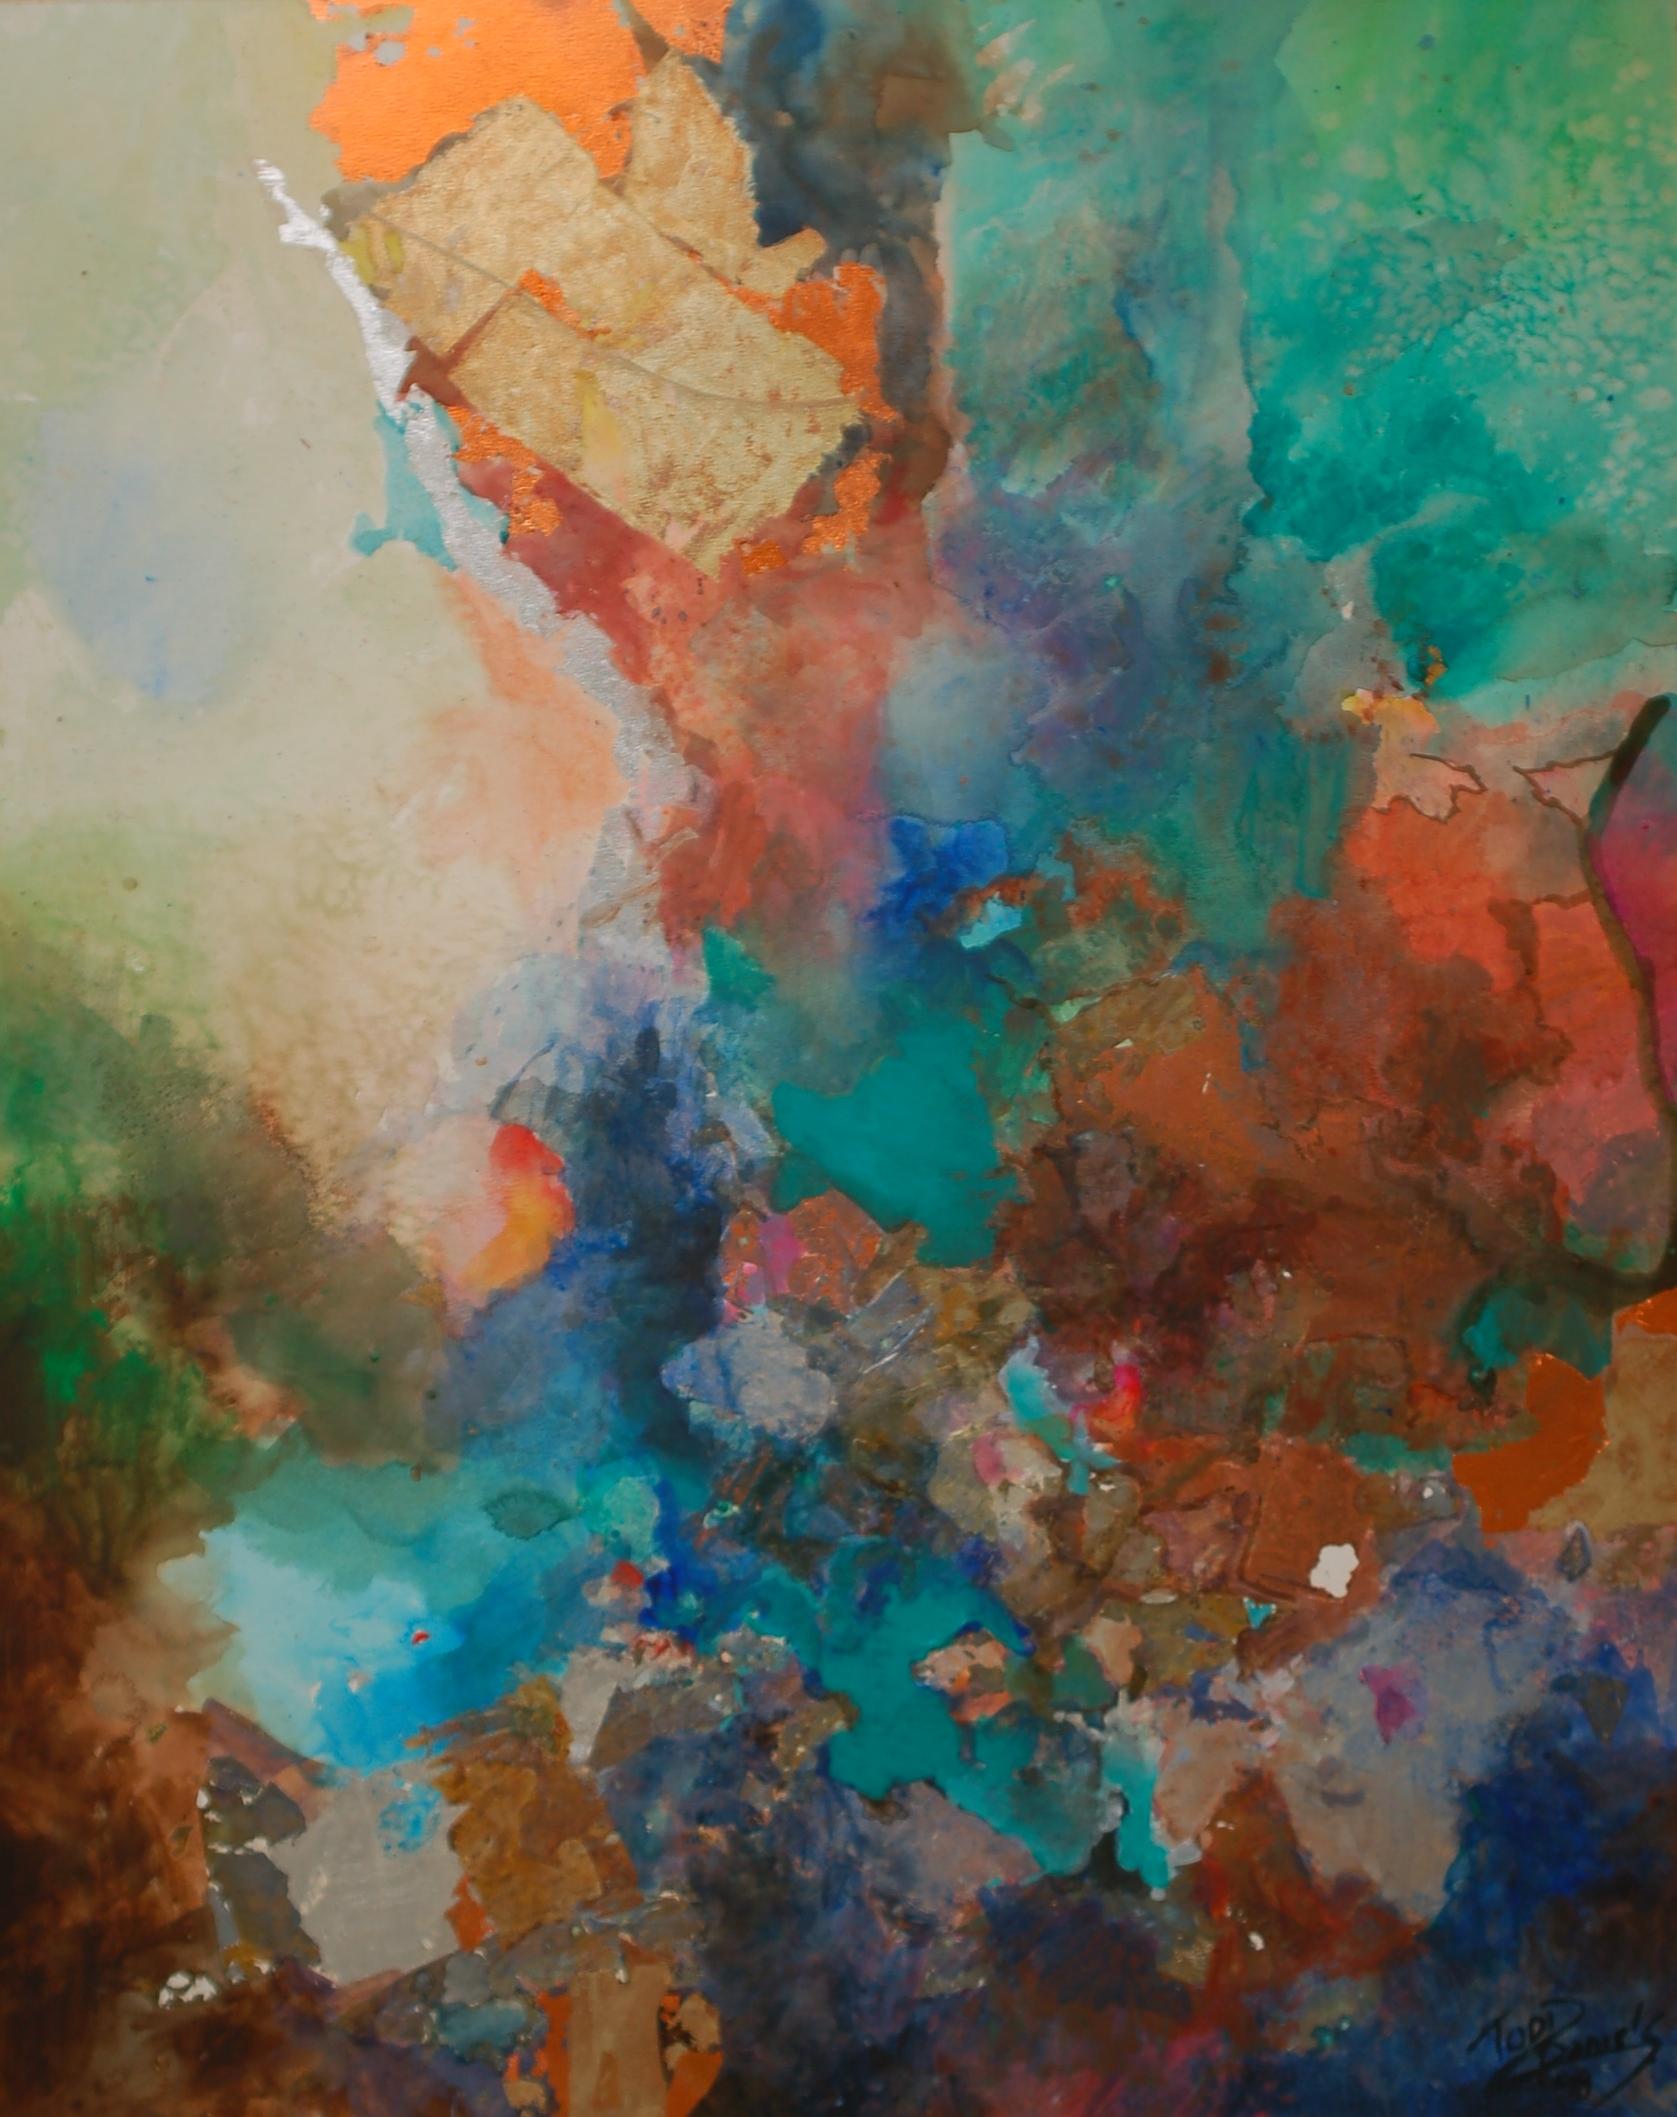 """""""Day One"""" by Mariyln Todd Daniels"""